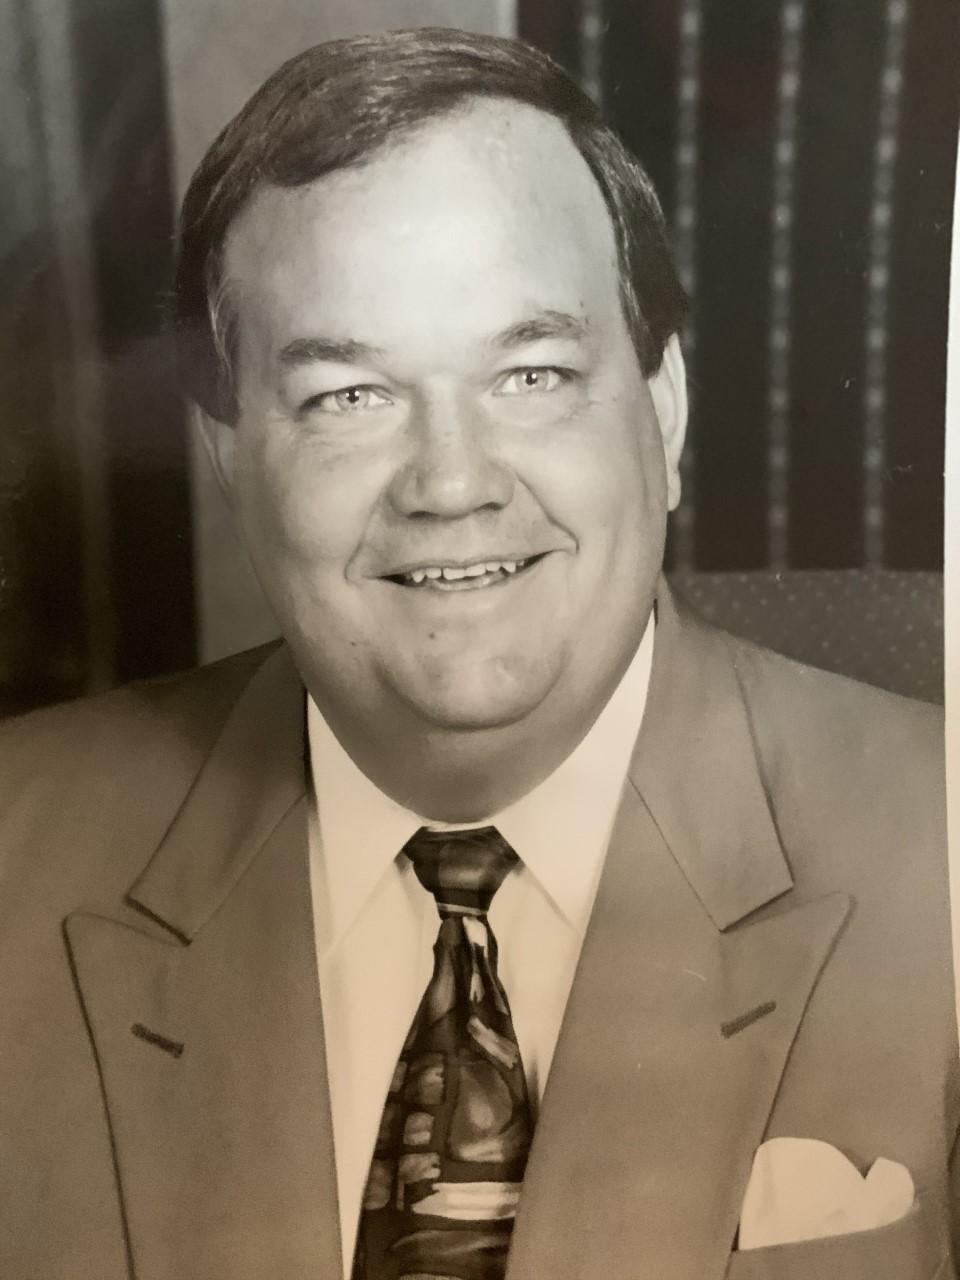 John J. Osmanski